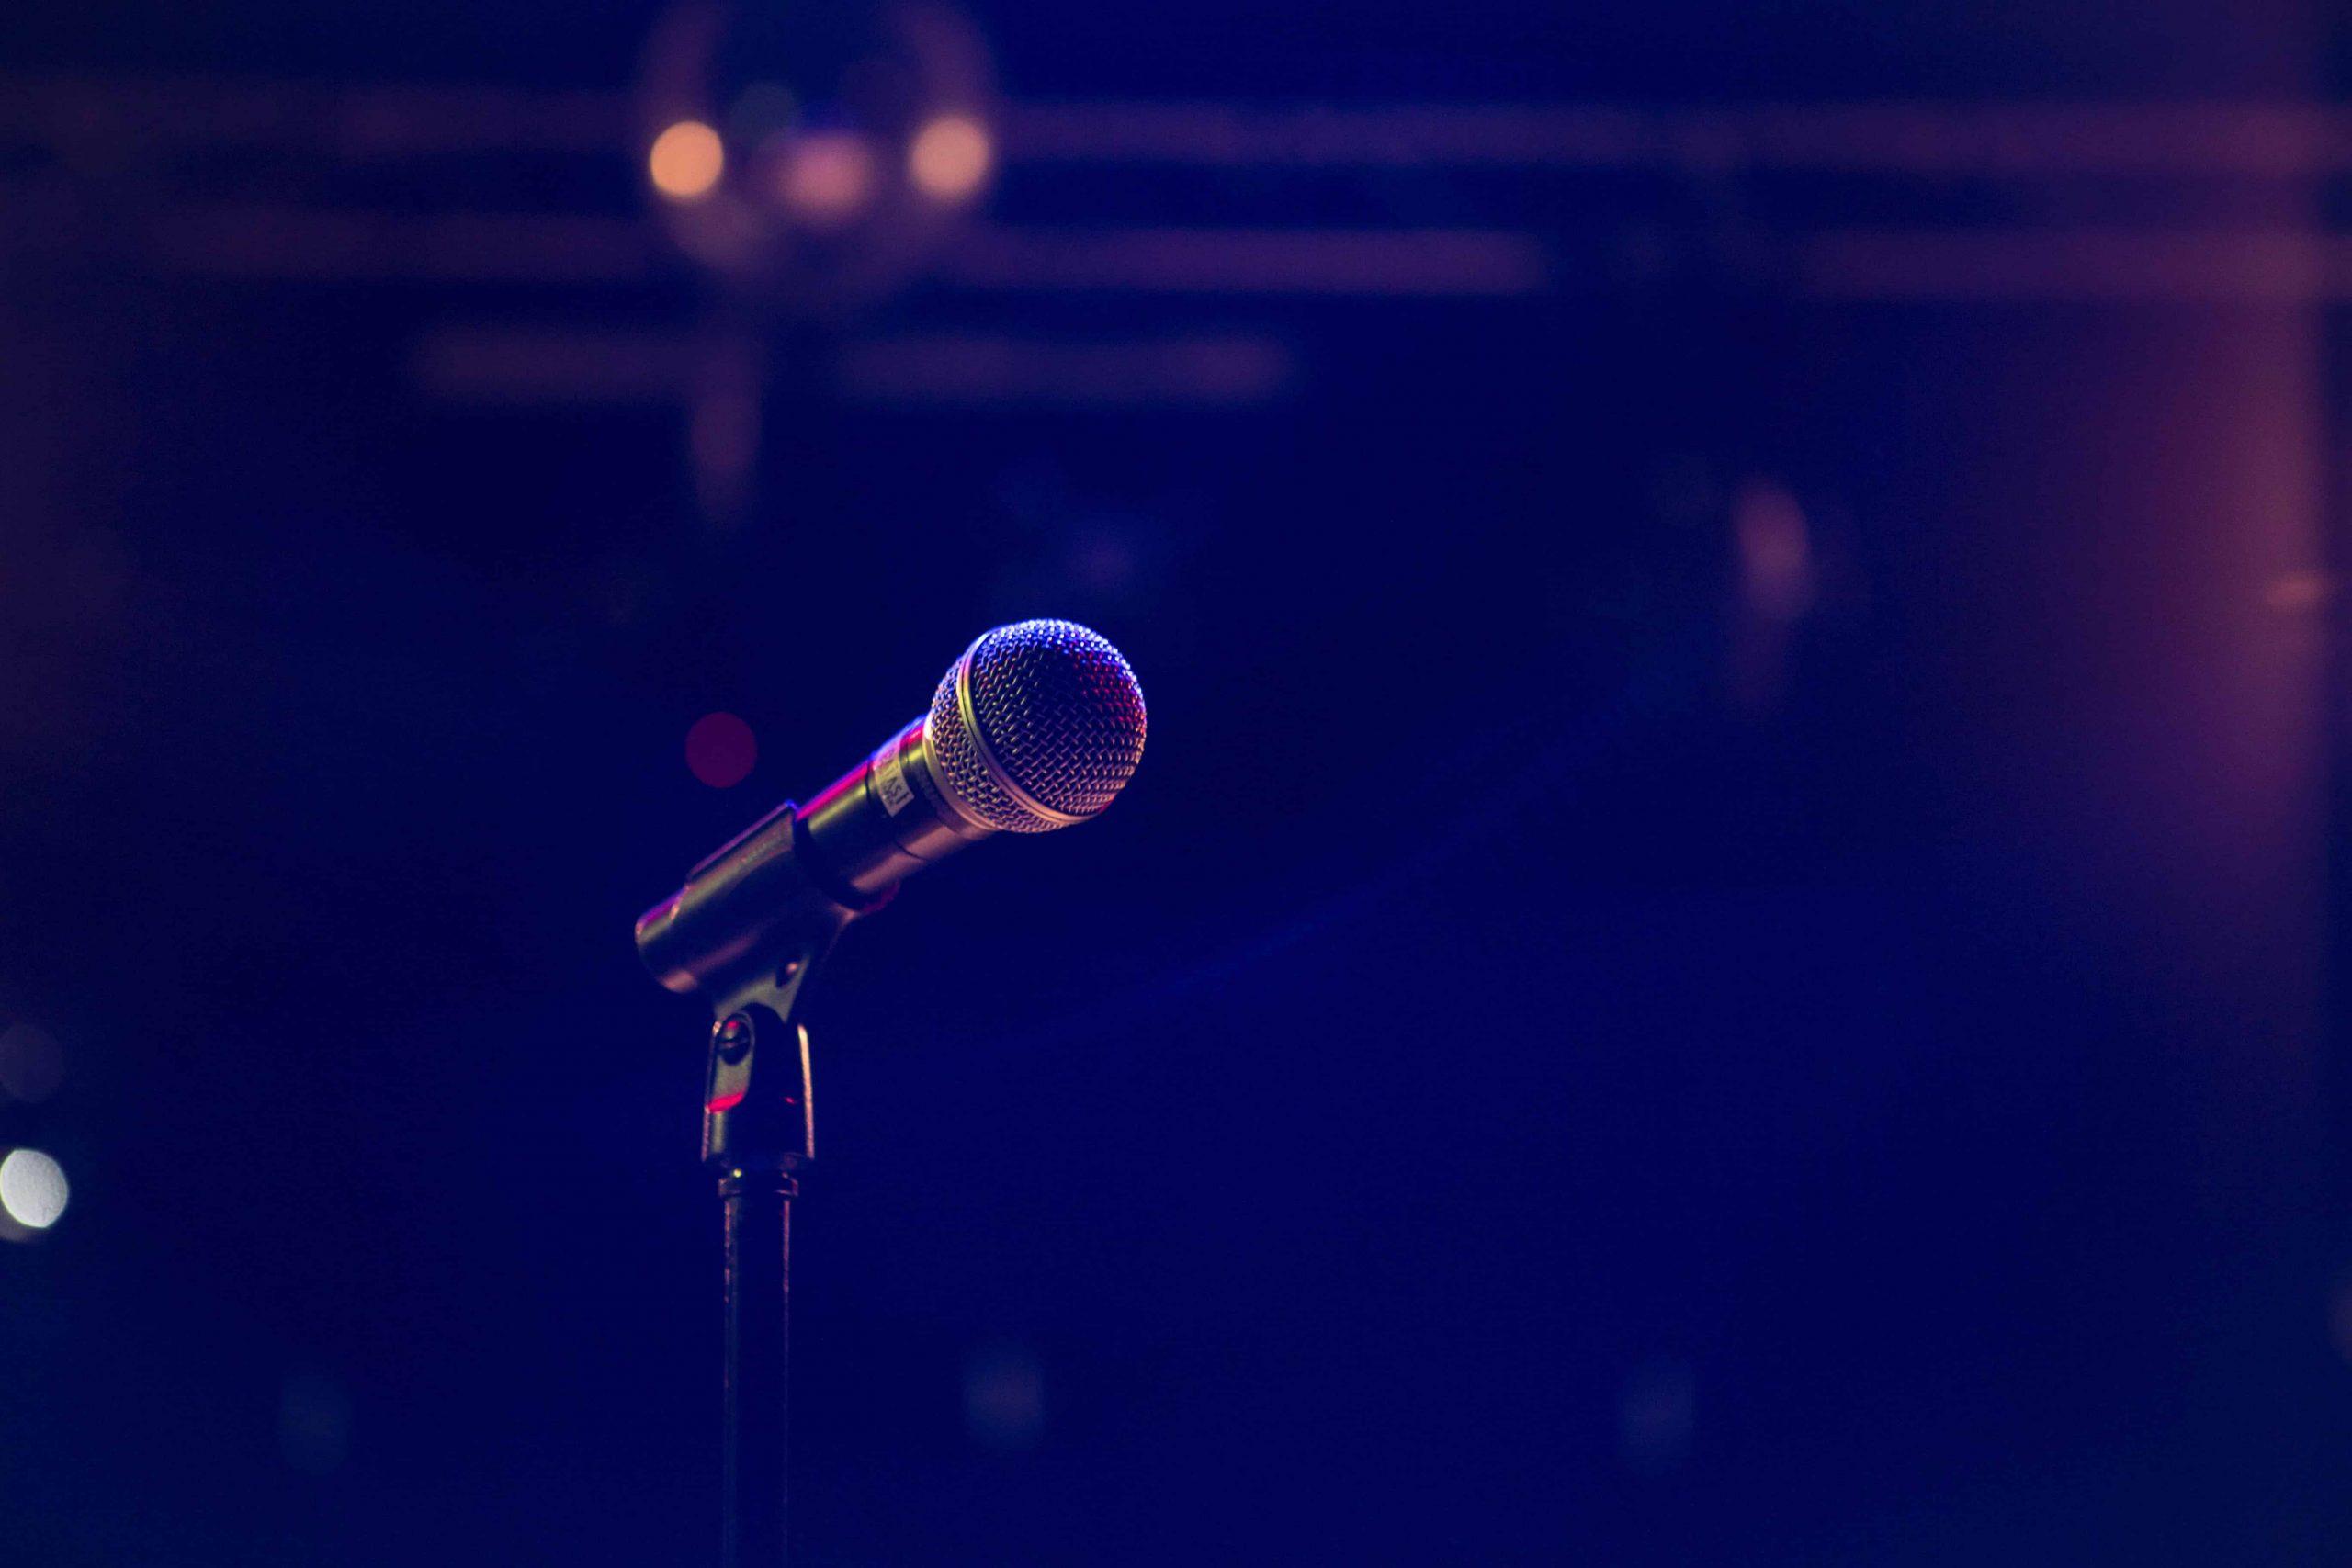 Mikrofonständer: Test & Empfehlungen (03/21)